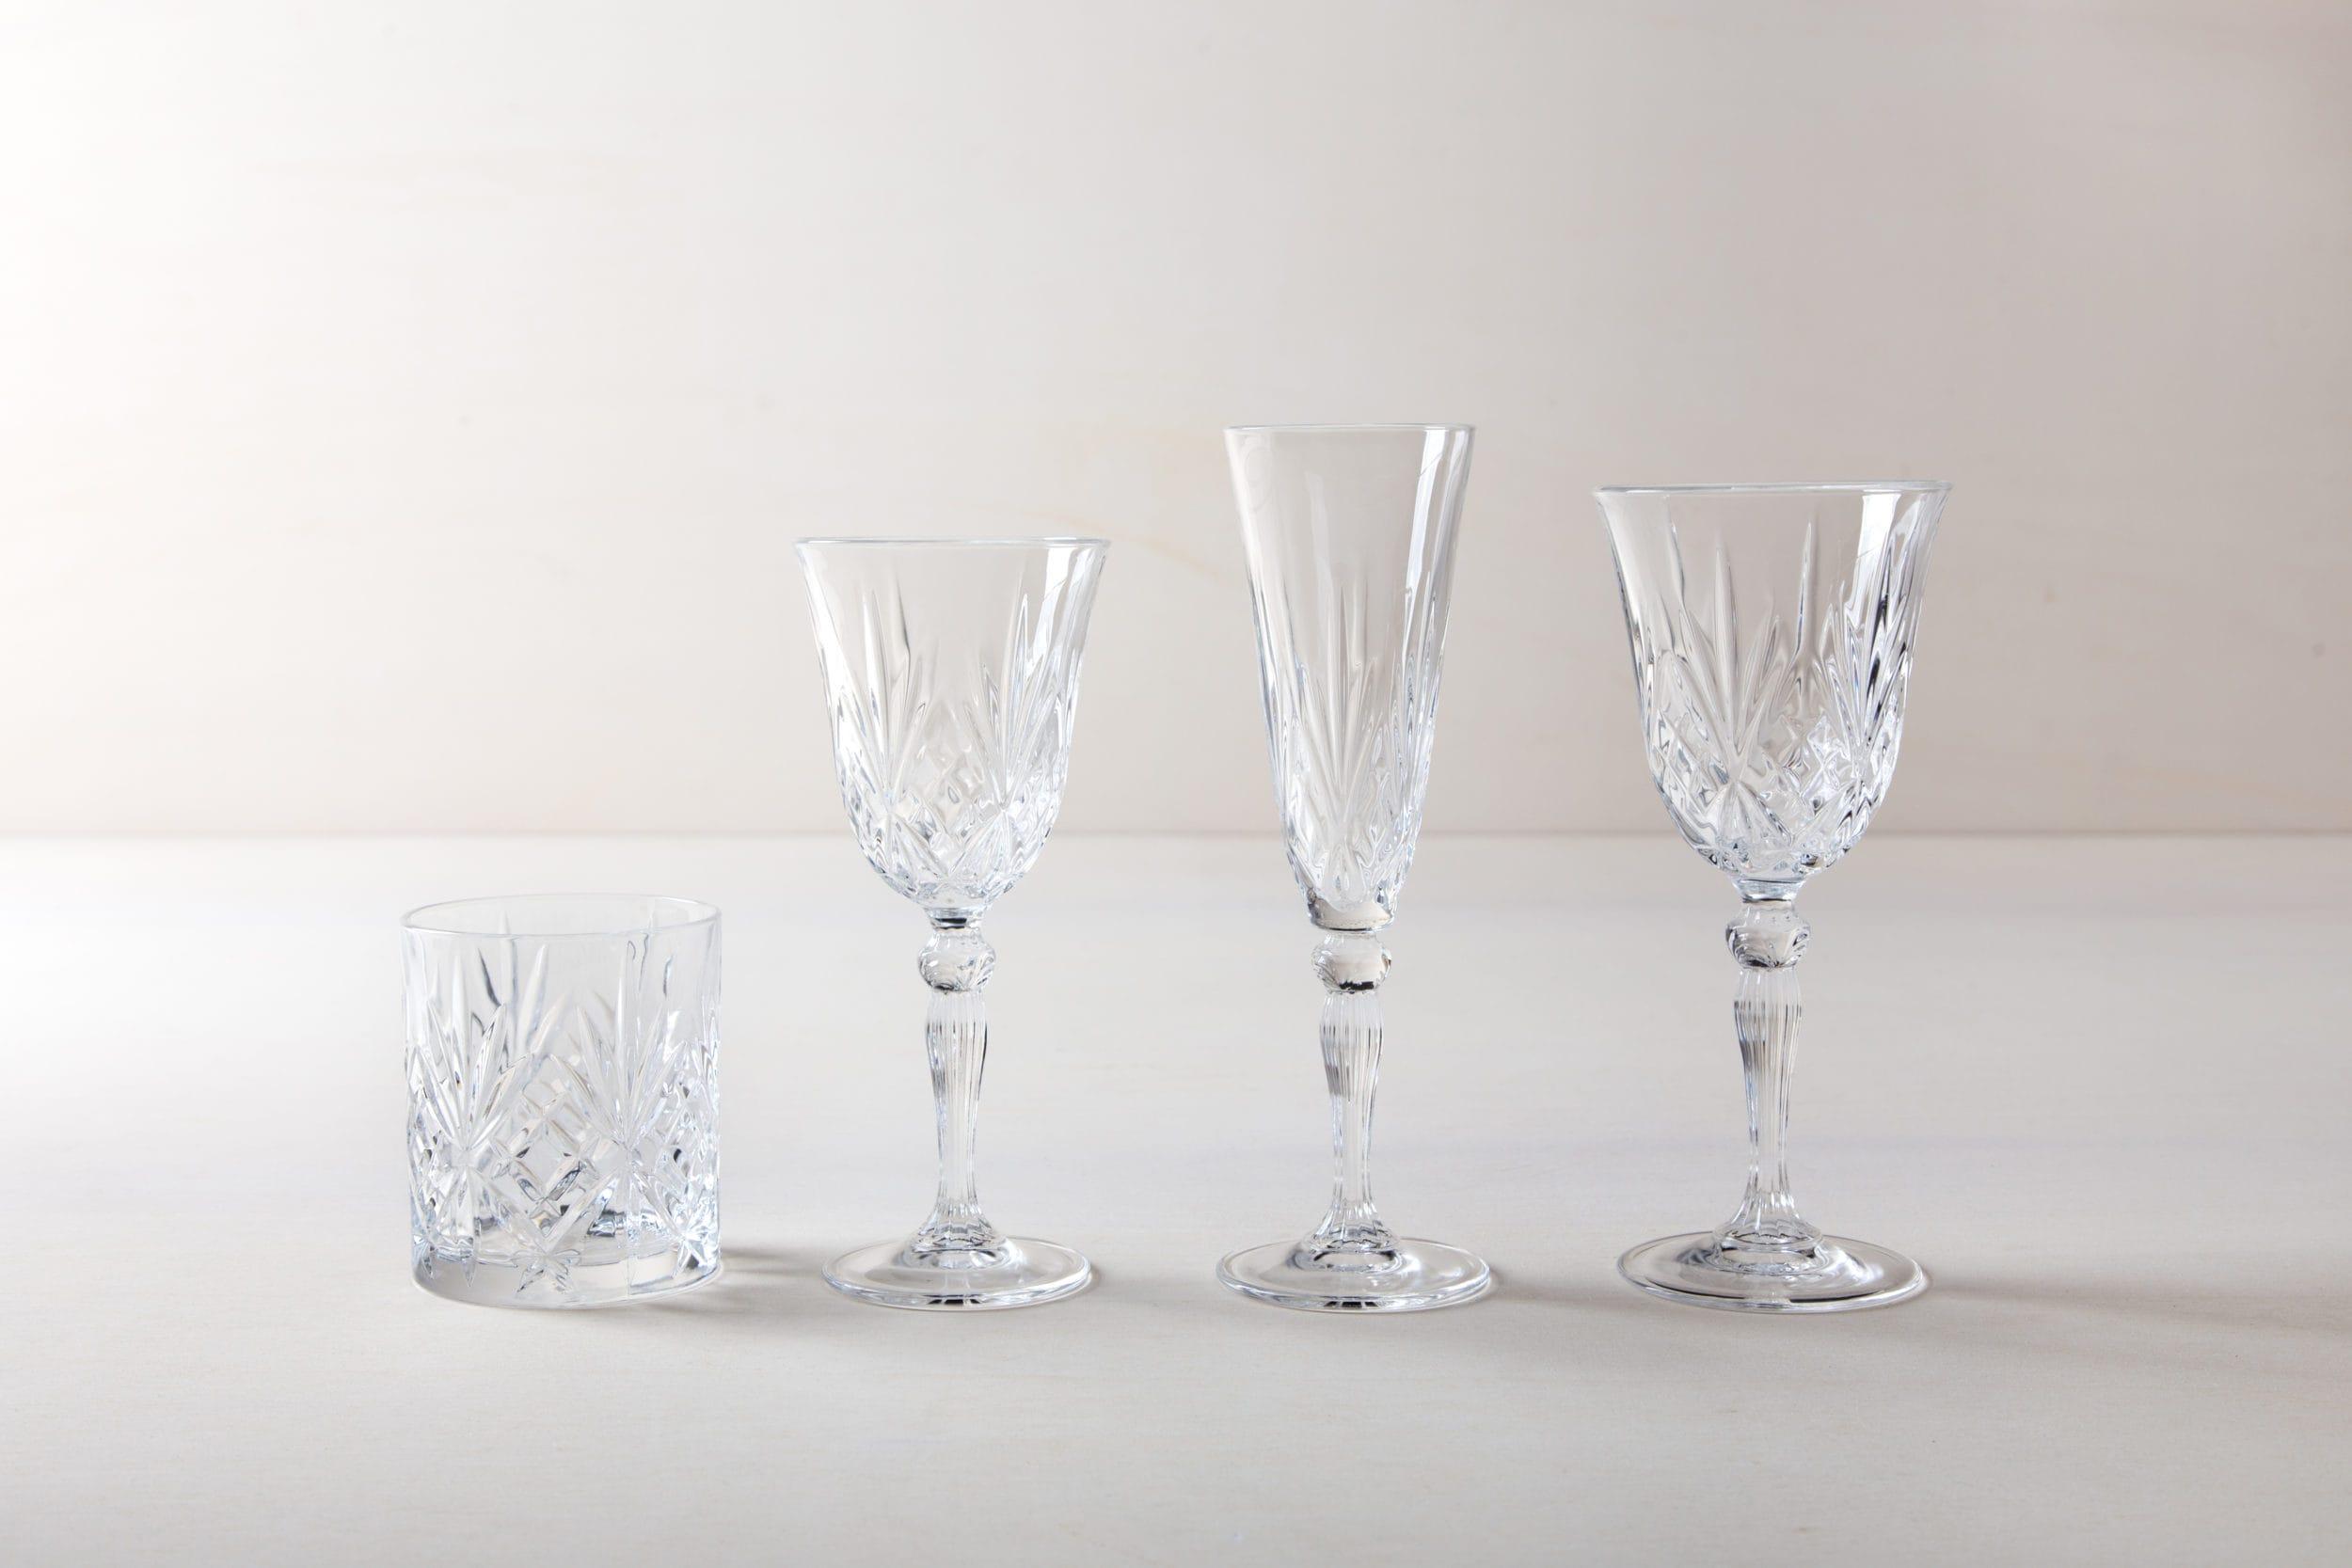 Vintage Gläser mieten, Hochzeitstafel